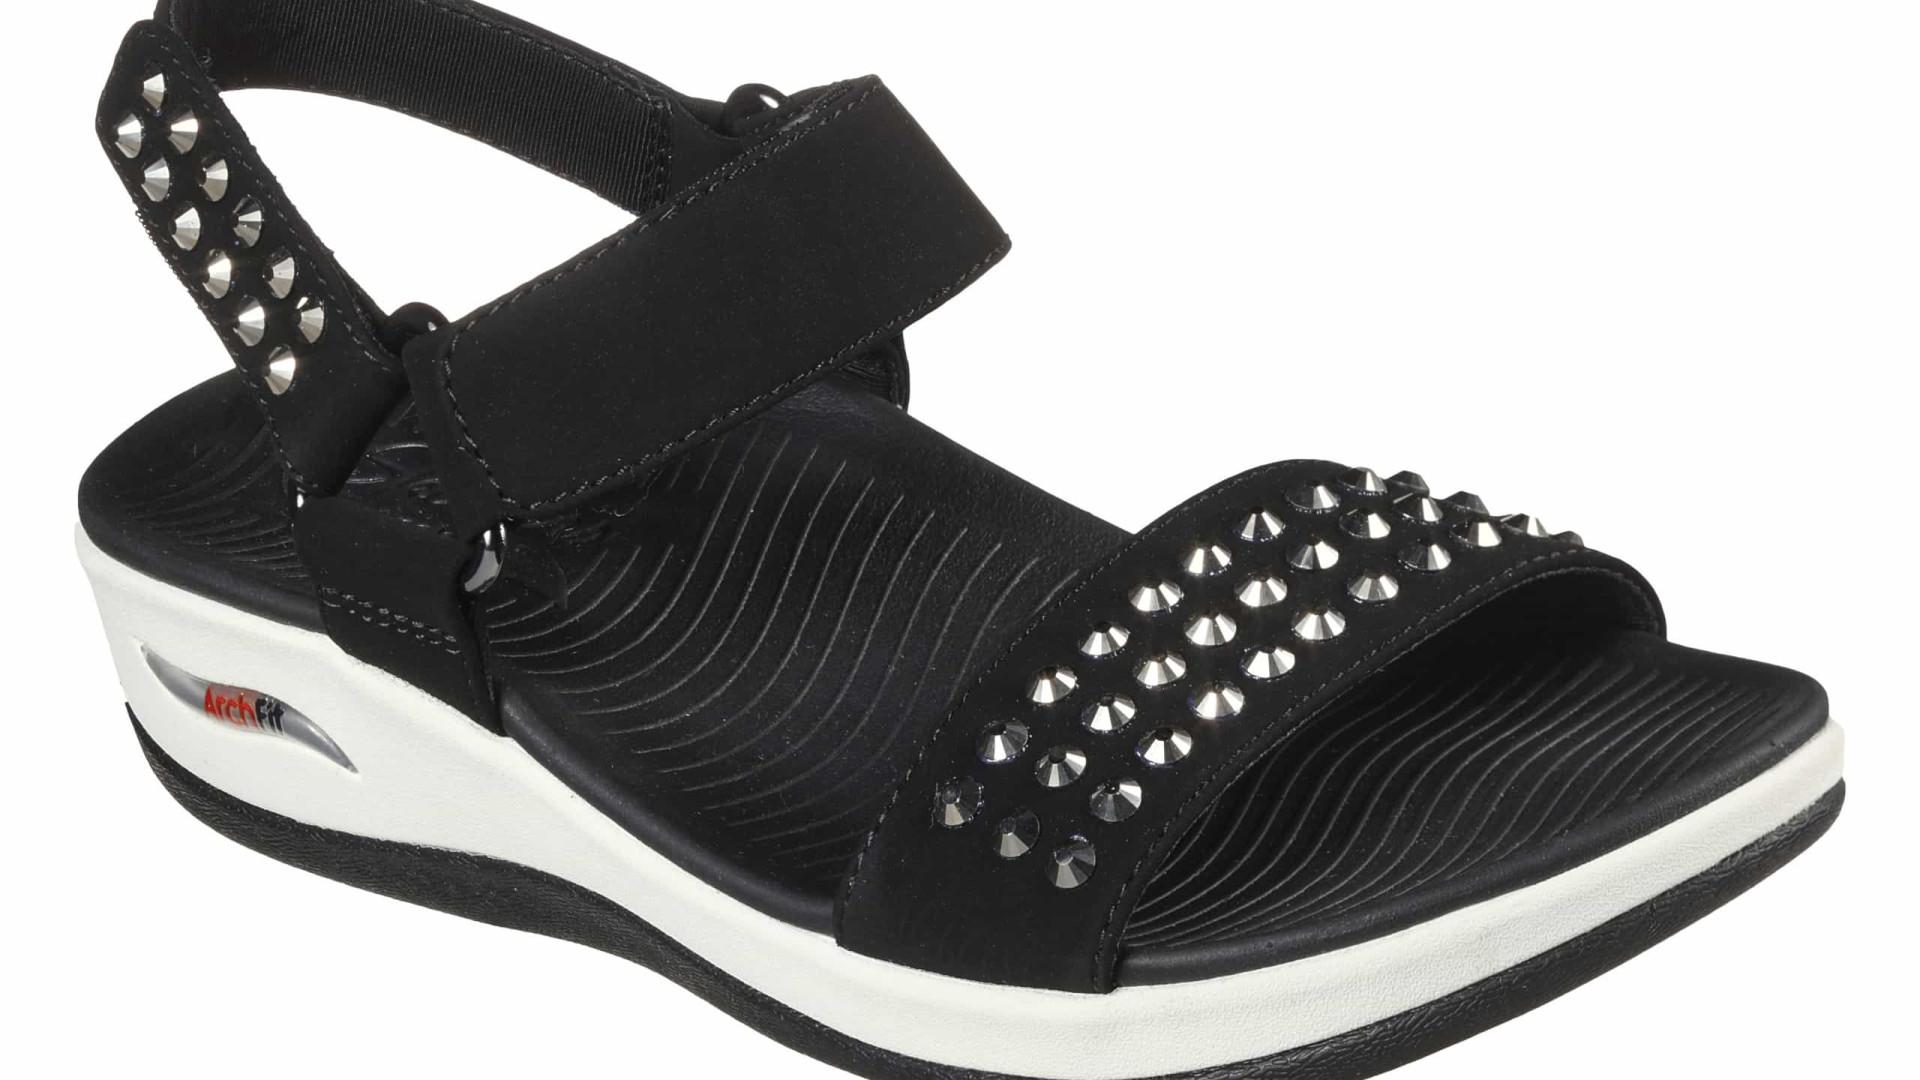 Skechers apresenta as sandálias mais cool e confortáveis para o verão